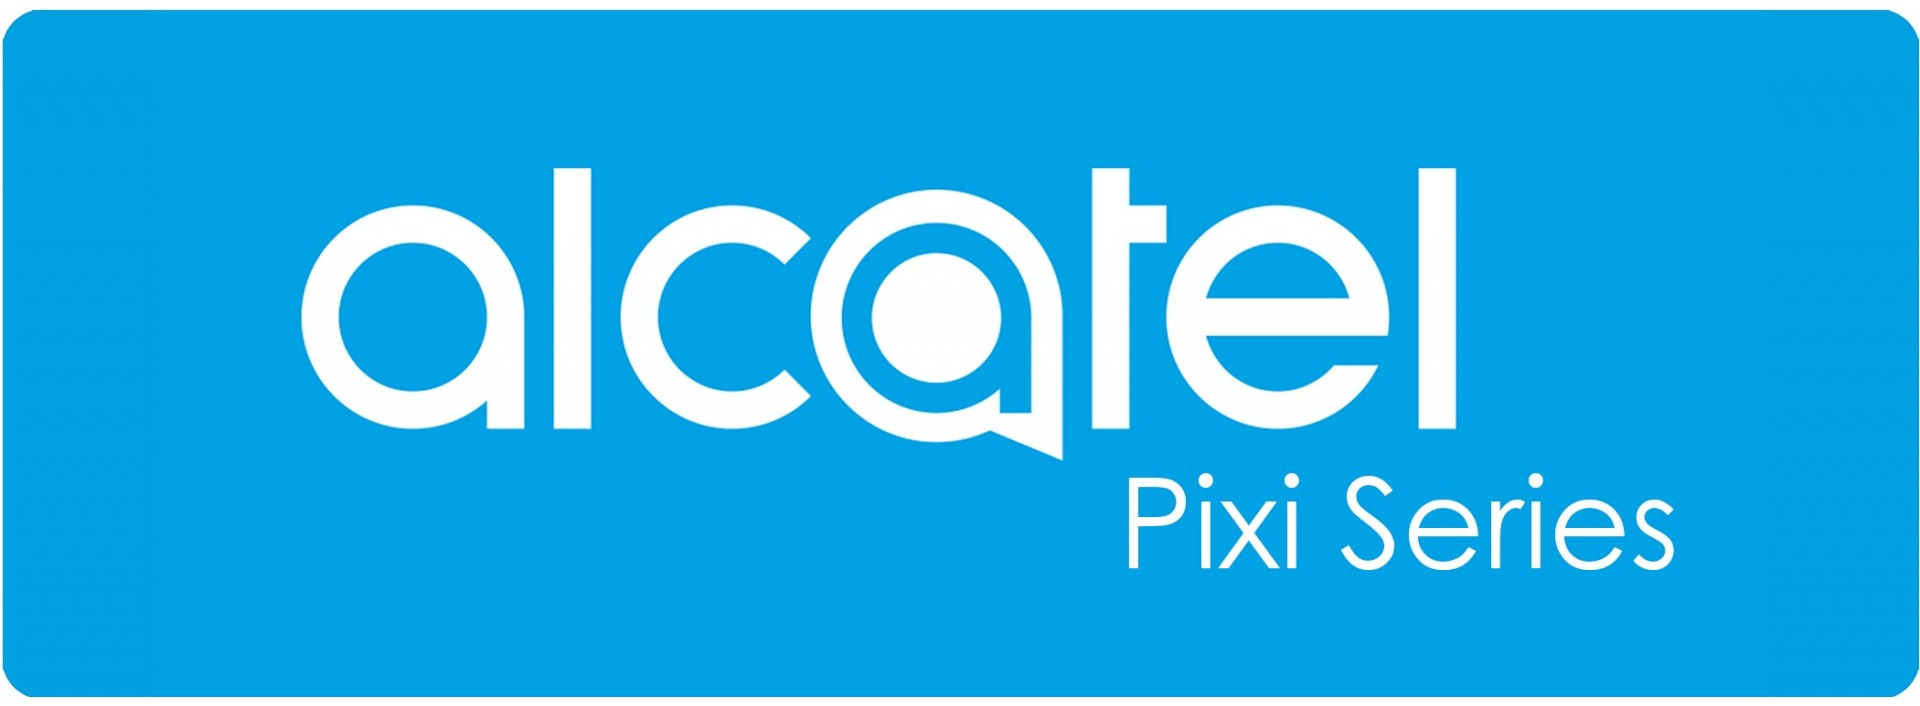 Fundas PERSONALIZADAS Alcatel Pixi Series, compra ya, Envío Gratis en TMS